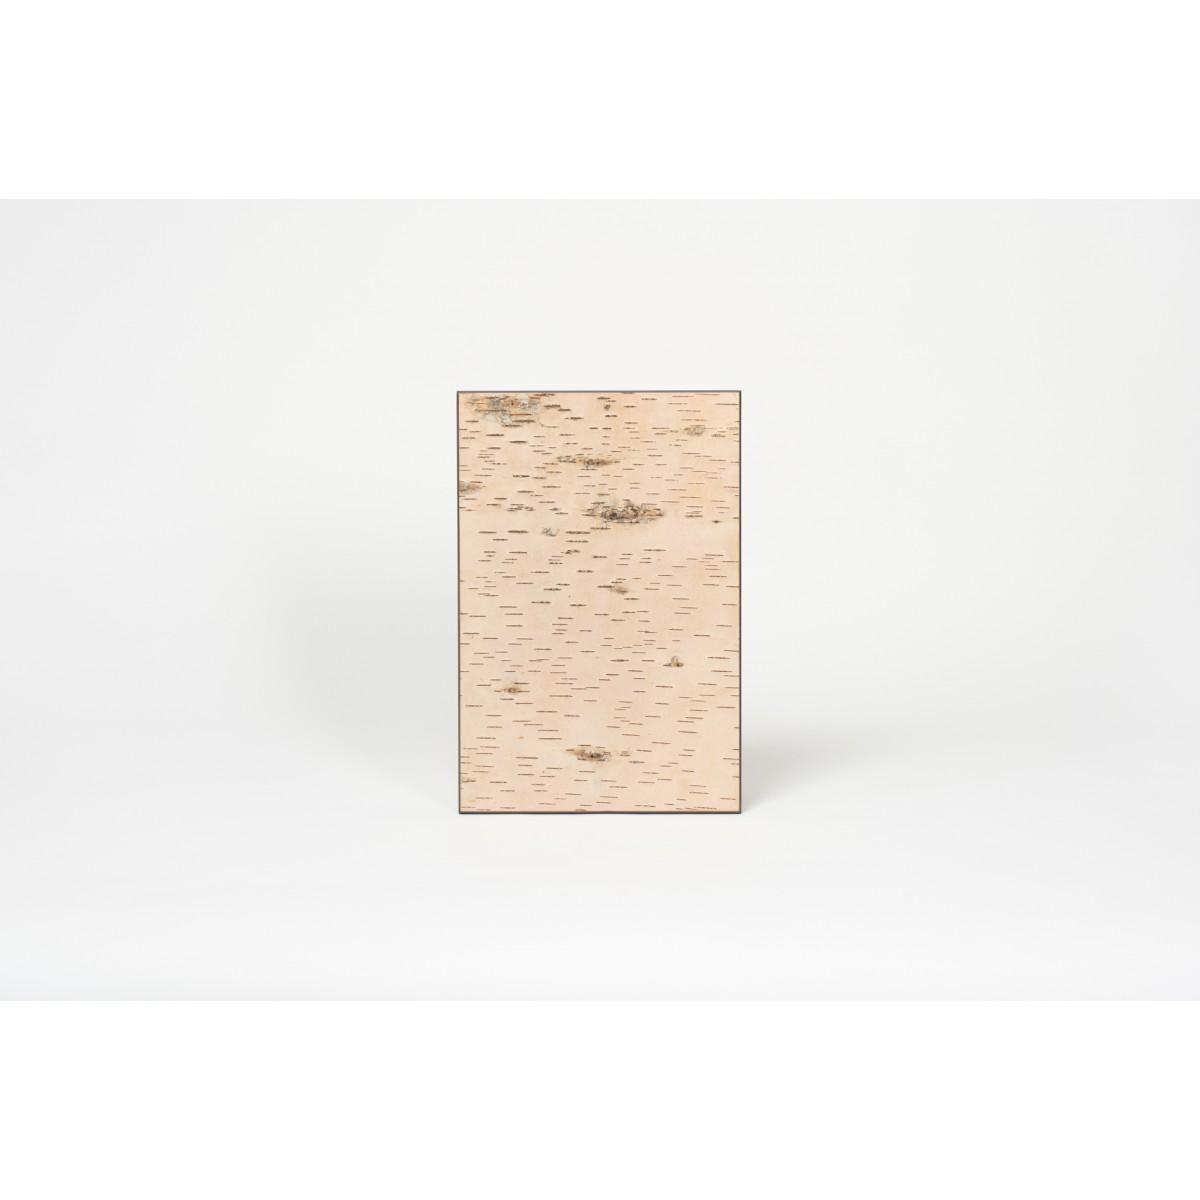 Wandbild aus geschälter Birkenrinde - KLEIN - Birken Wandpaneele